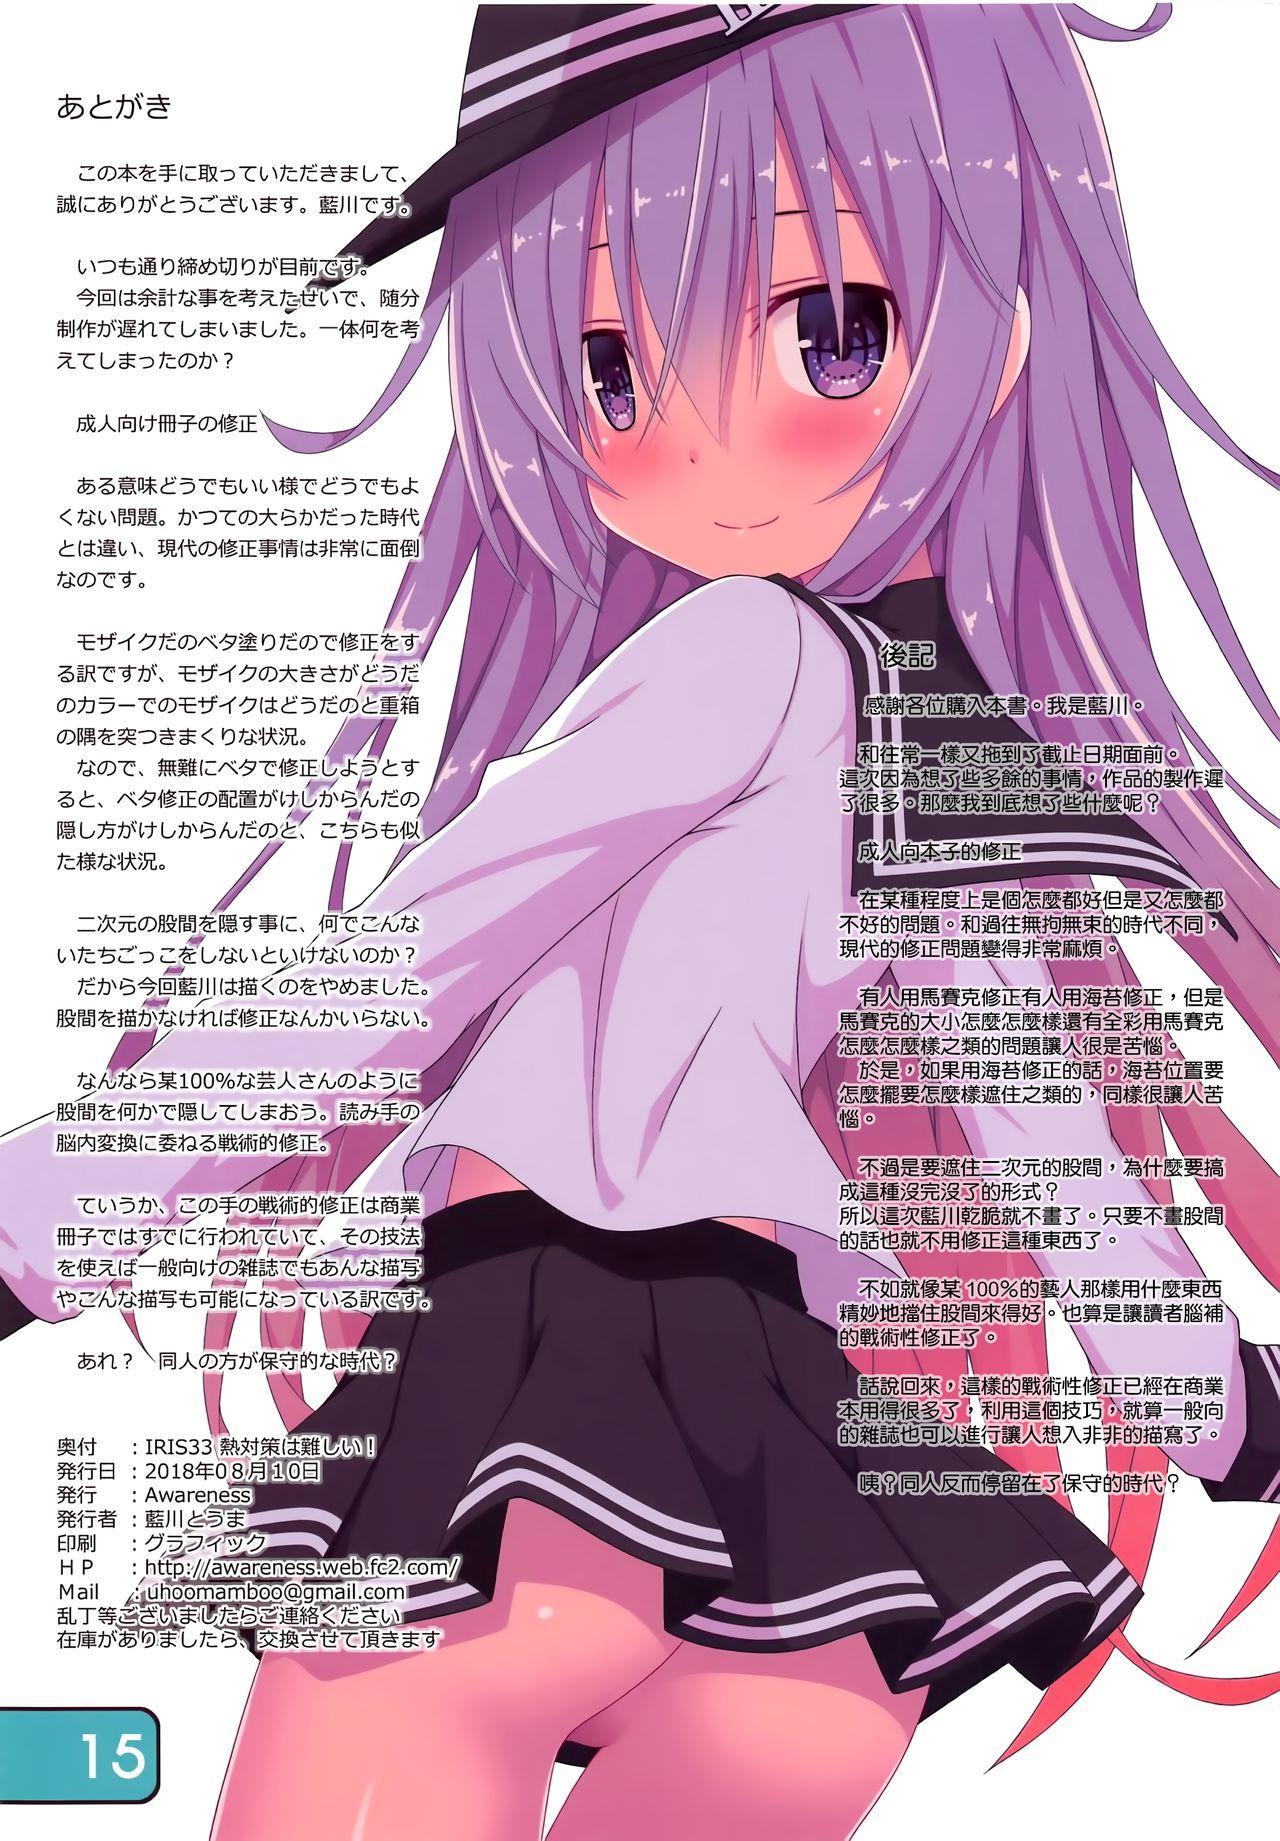 IRIS33 Netsu Taisaku wa Muzukashii! 15